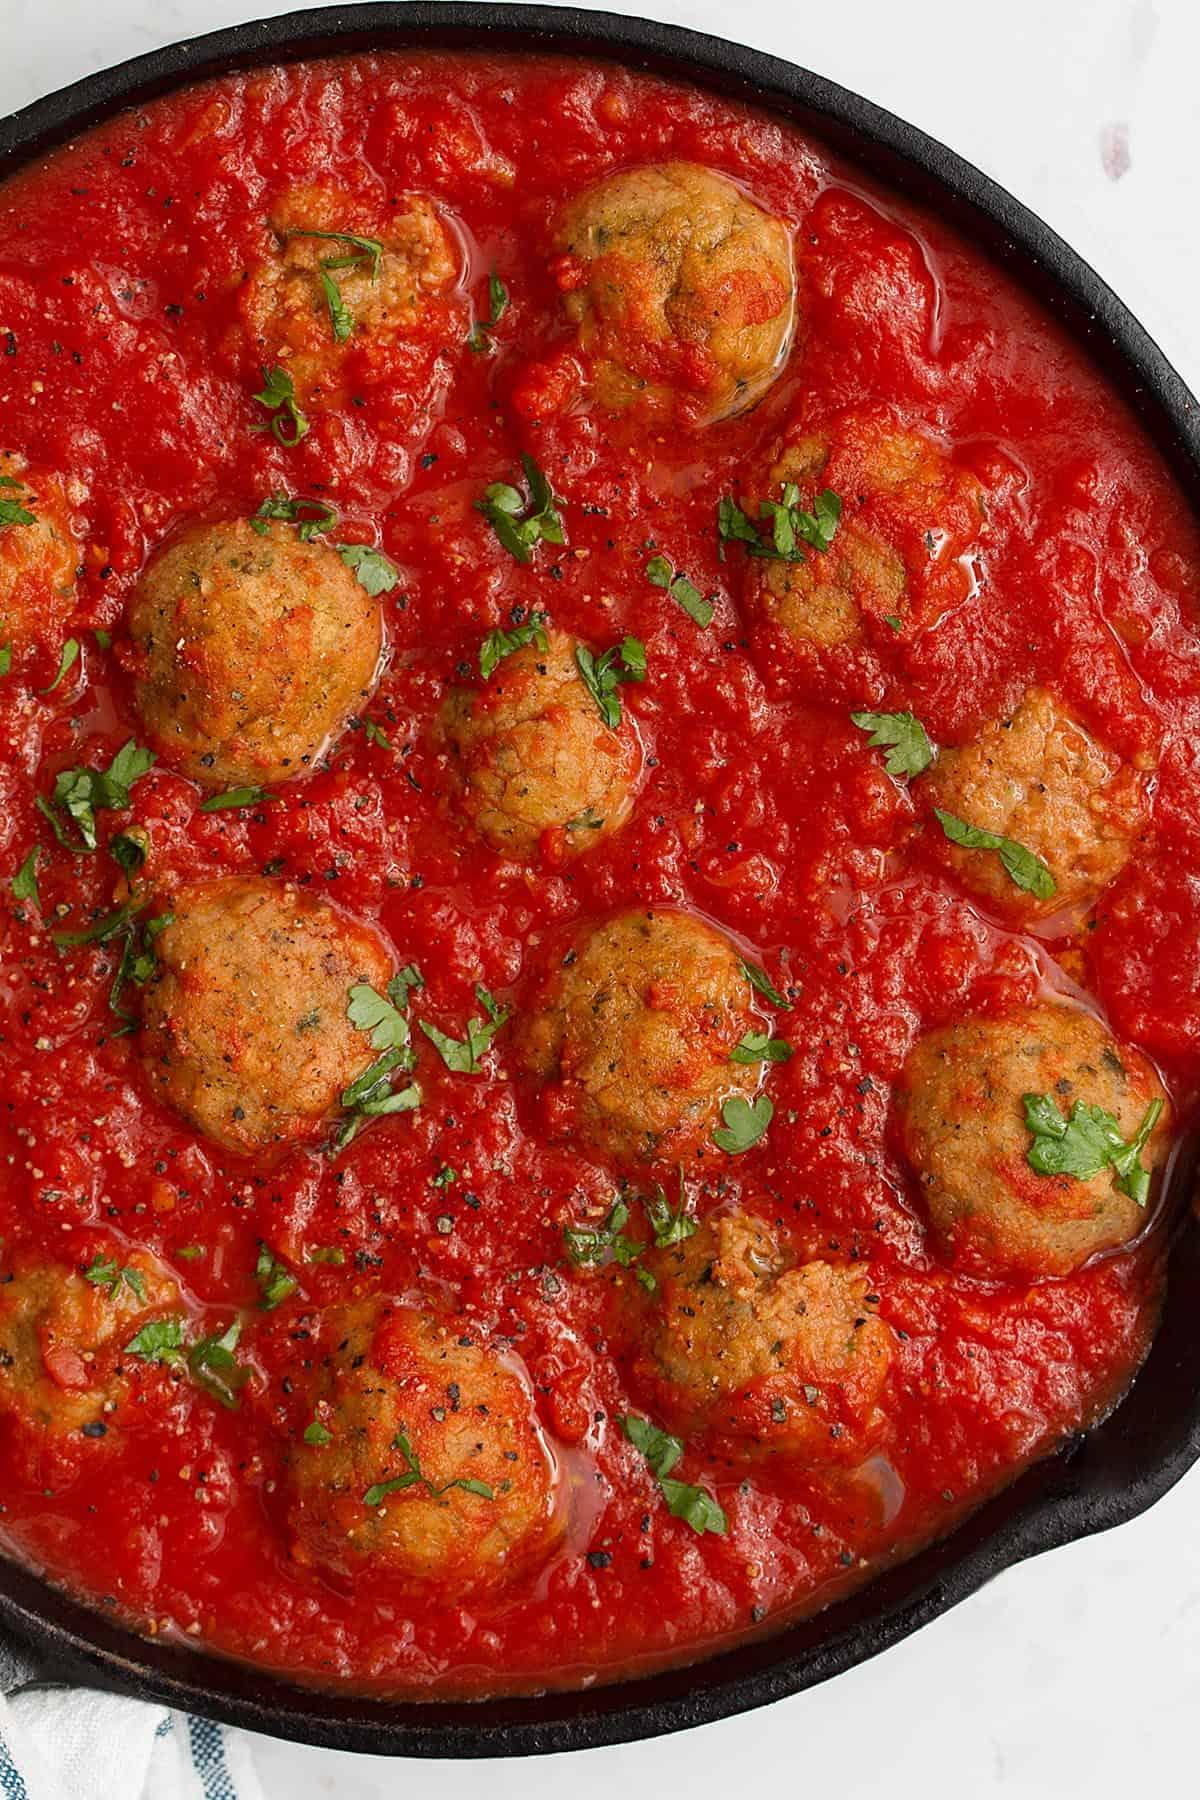 meatballs no eggs or milk